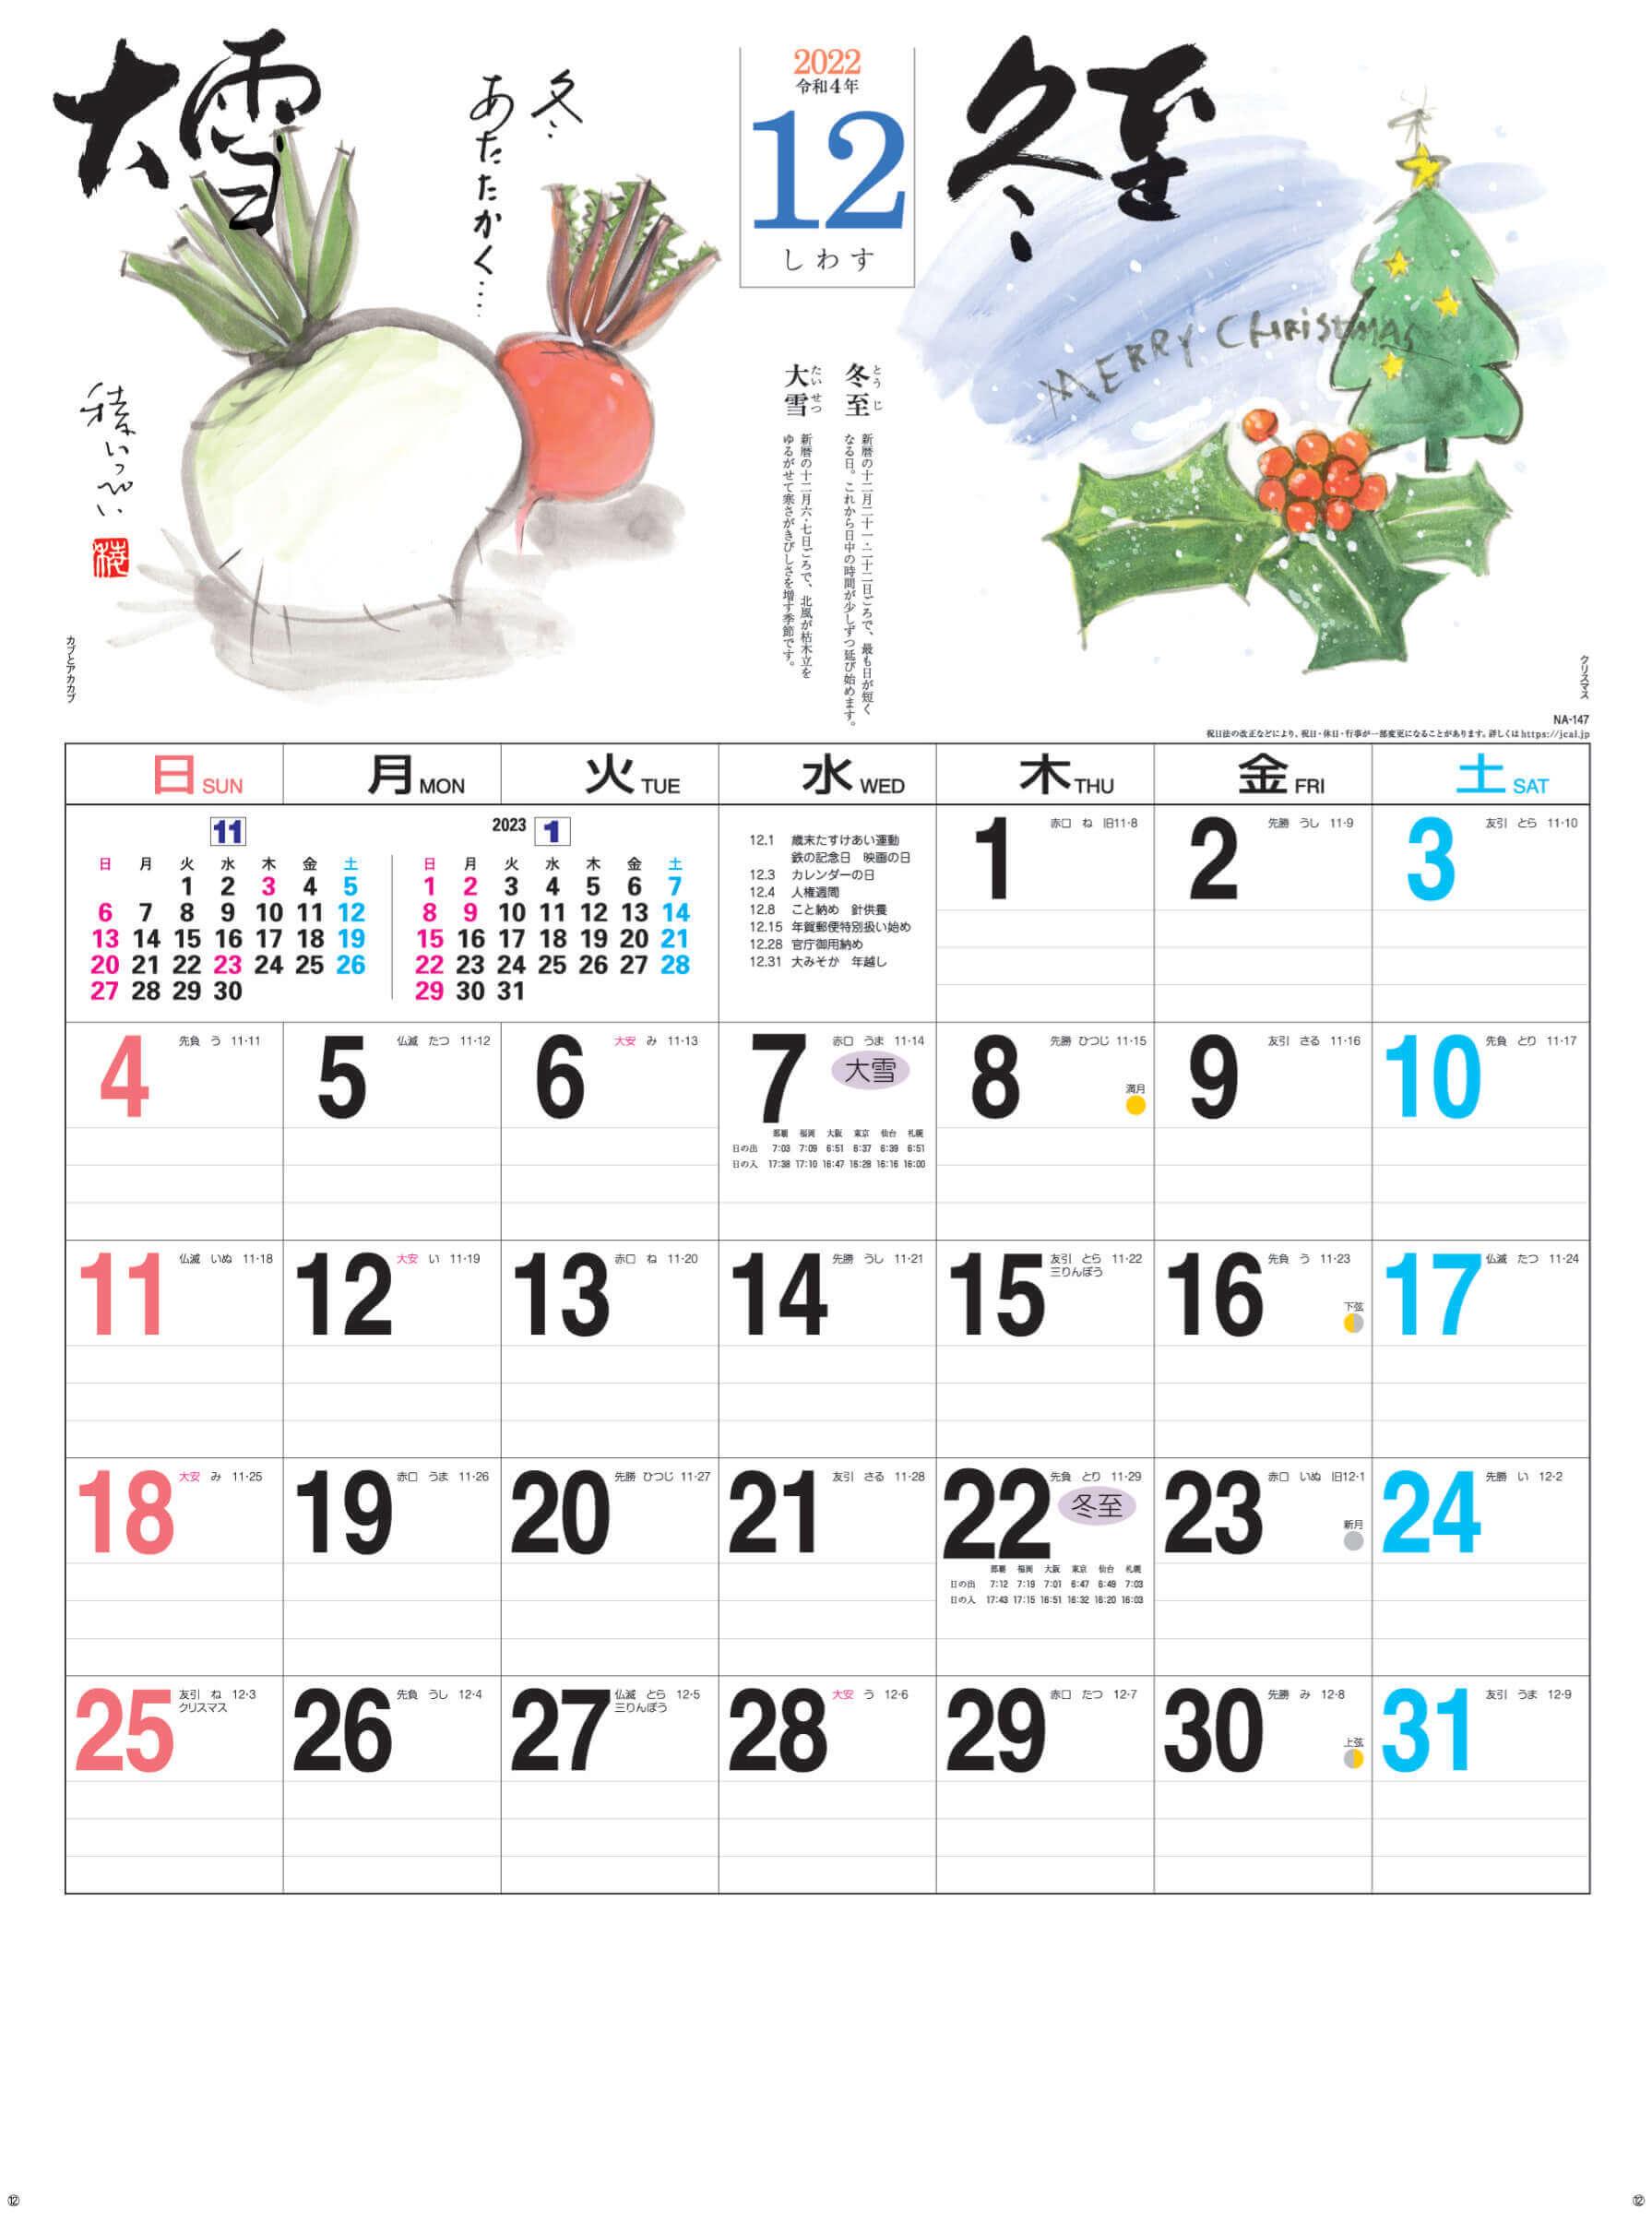 12月(しわす)大雪-冬至 二十四節季 2022年カレンダーの画像